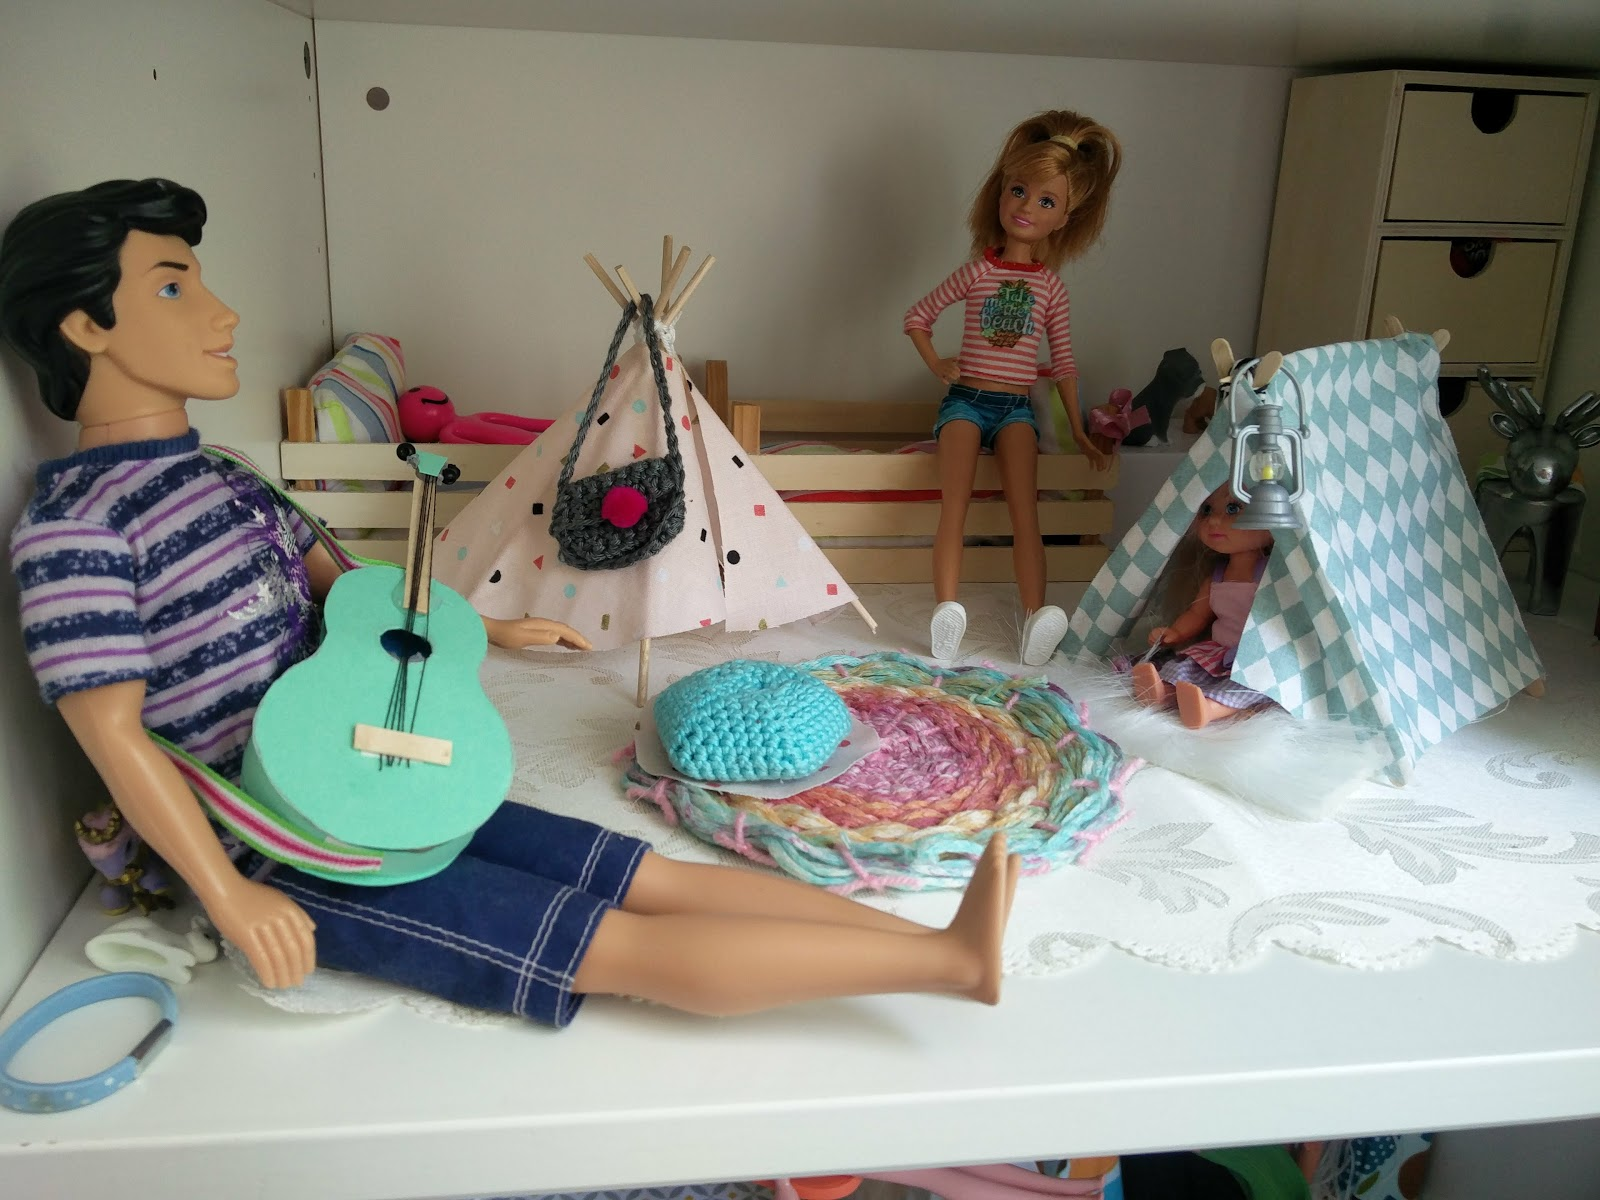 Der bastelblog barbie kinderzimmer - Barbie kinderzimmer ...